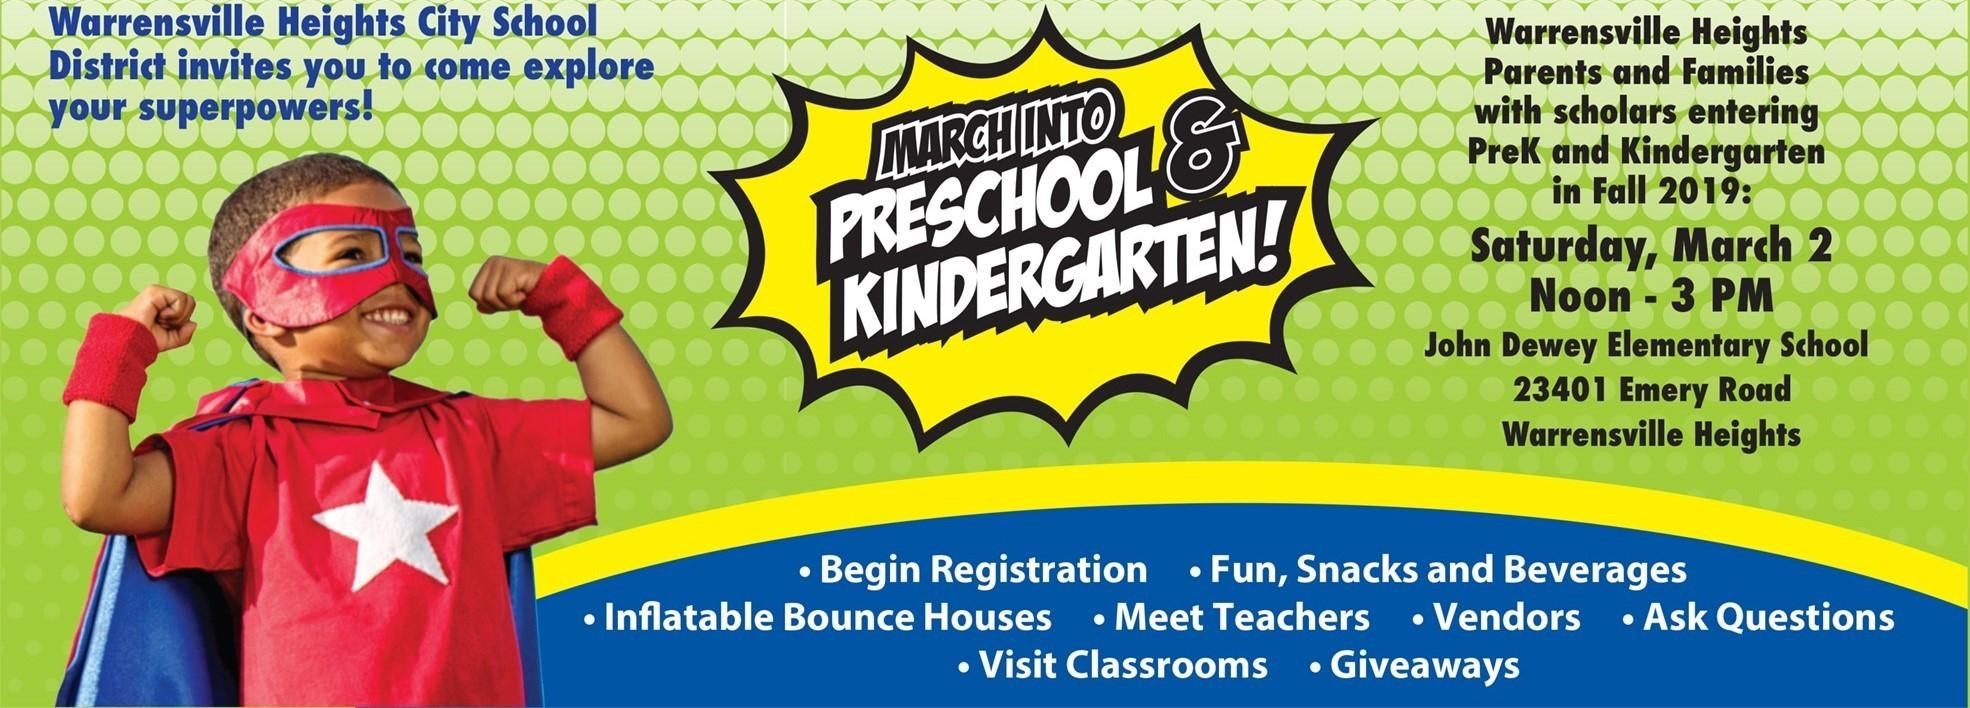 Marching into Preschool and Kindergarten Event Info